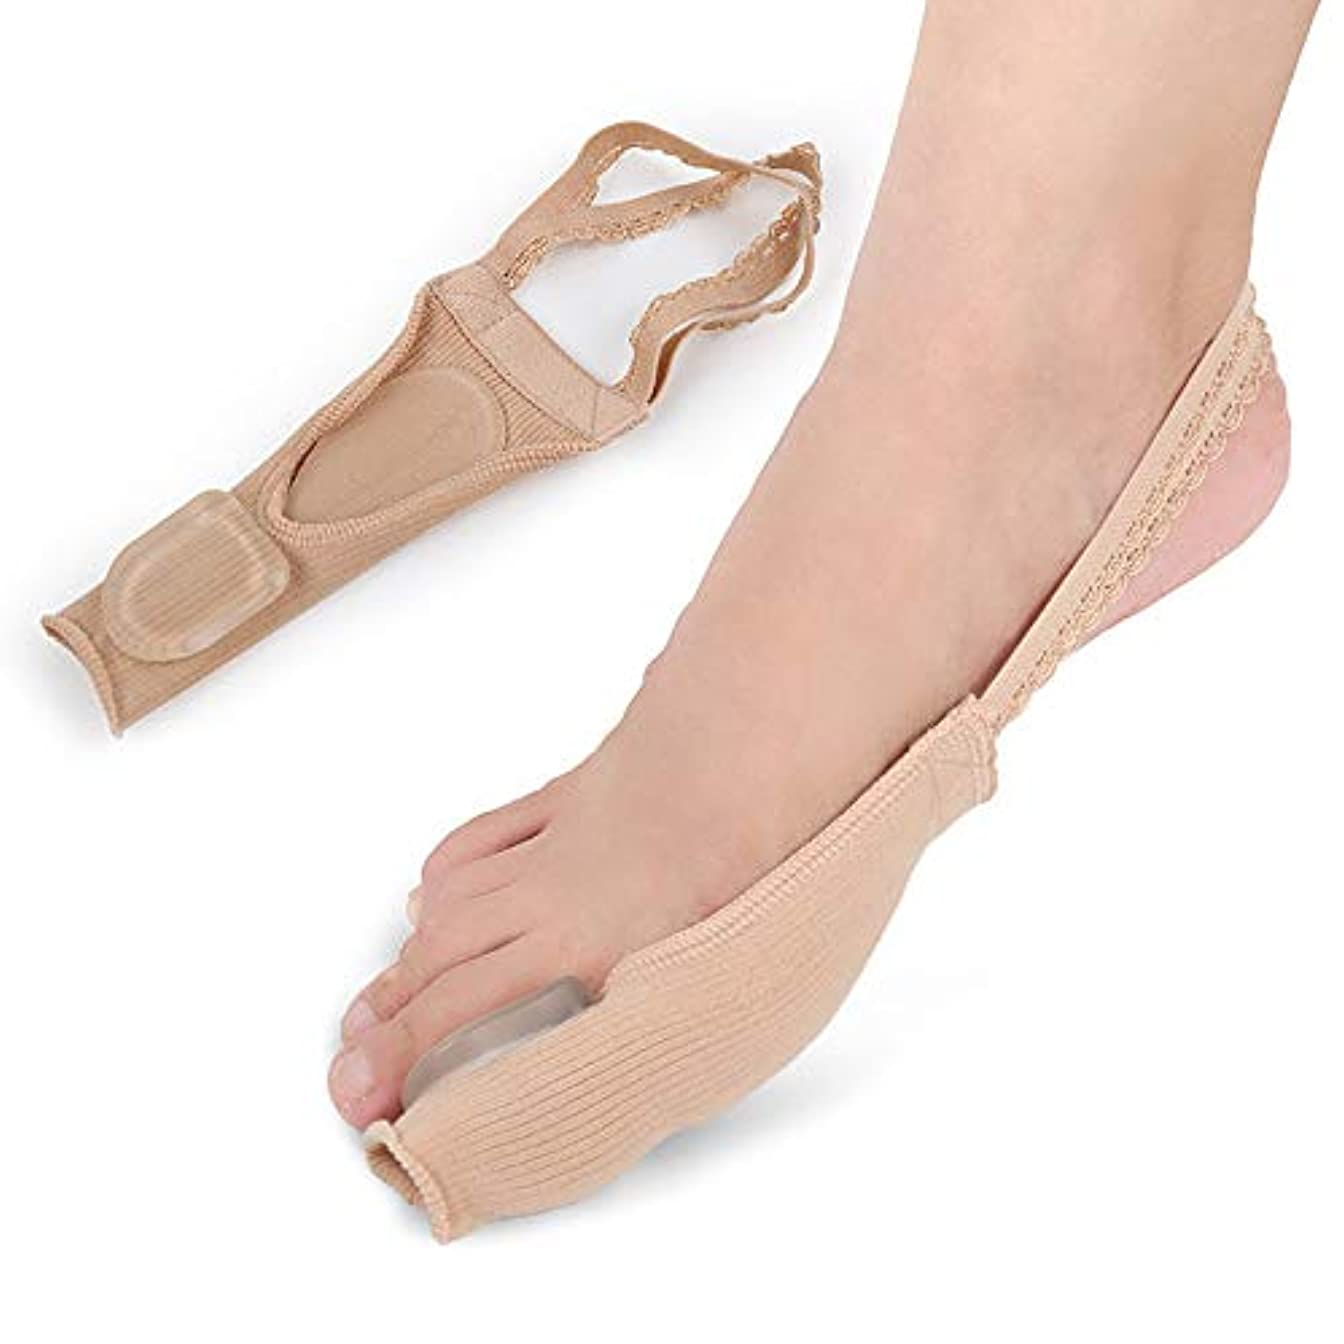 国籍メイン成熟外反母趾装具とゲルパッド外反母趾包帯スプリント親指スリーブ袖ソックス重複つま先スプレッダー親指、左右の足ユニバーサル(1pcs),S-EU:35-37